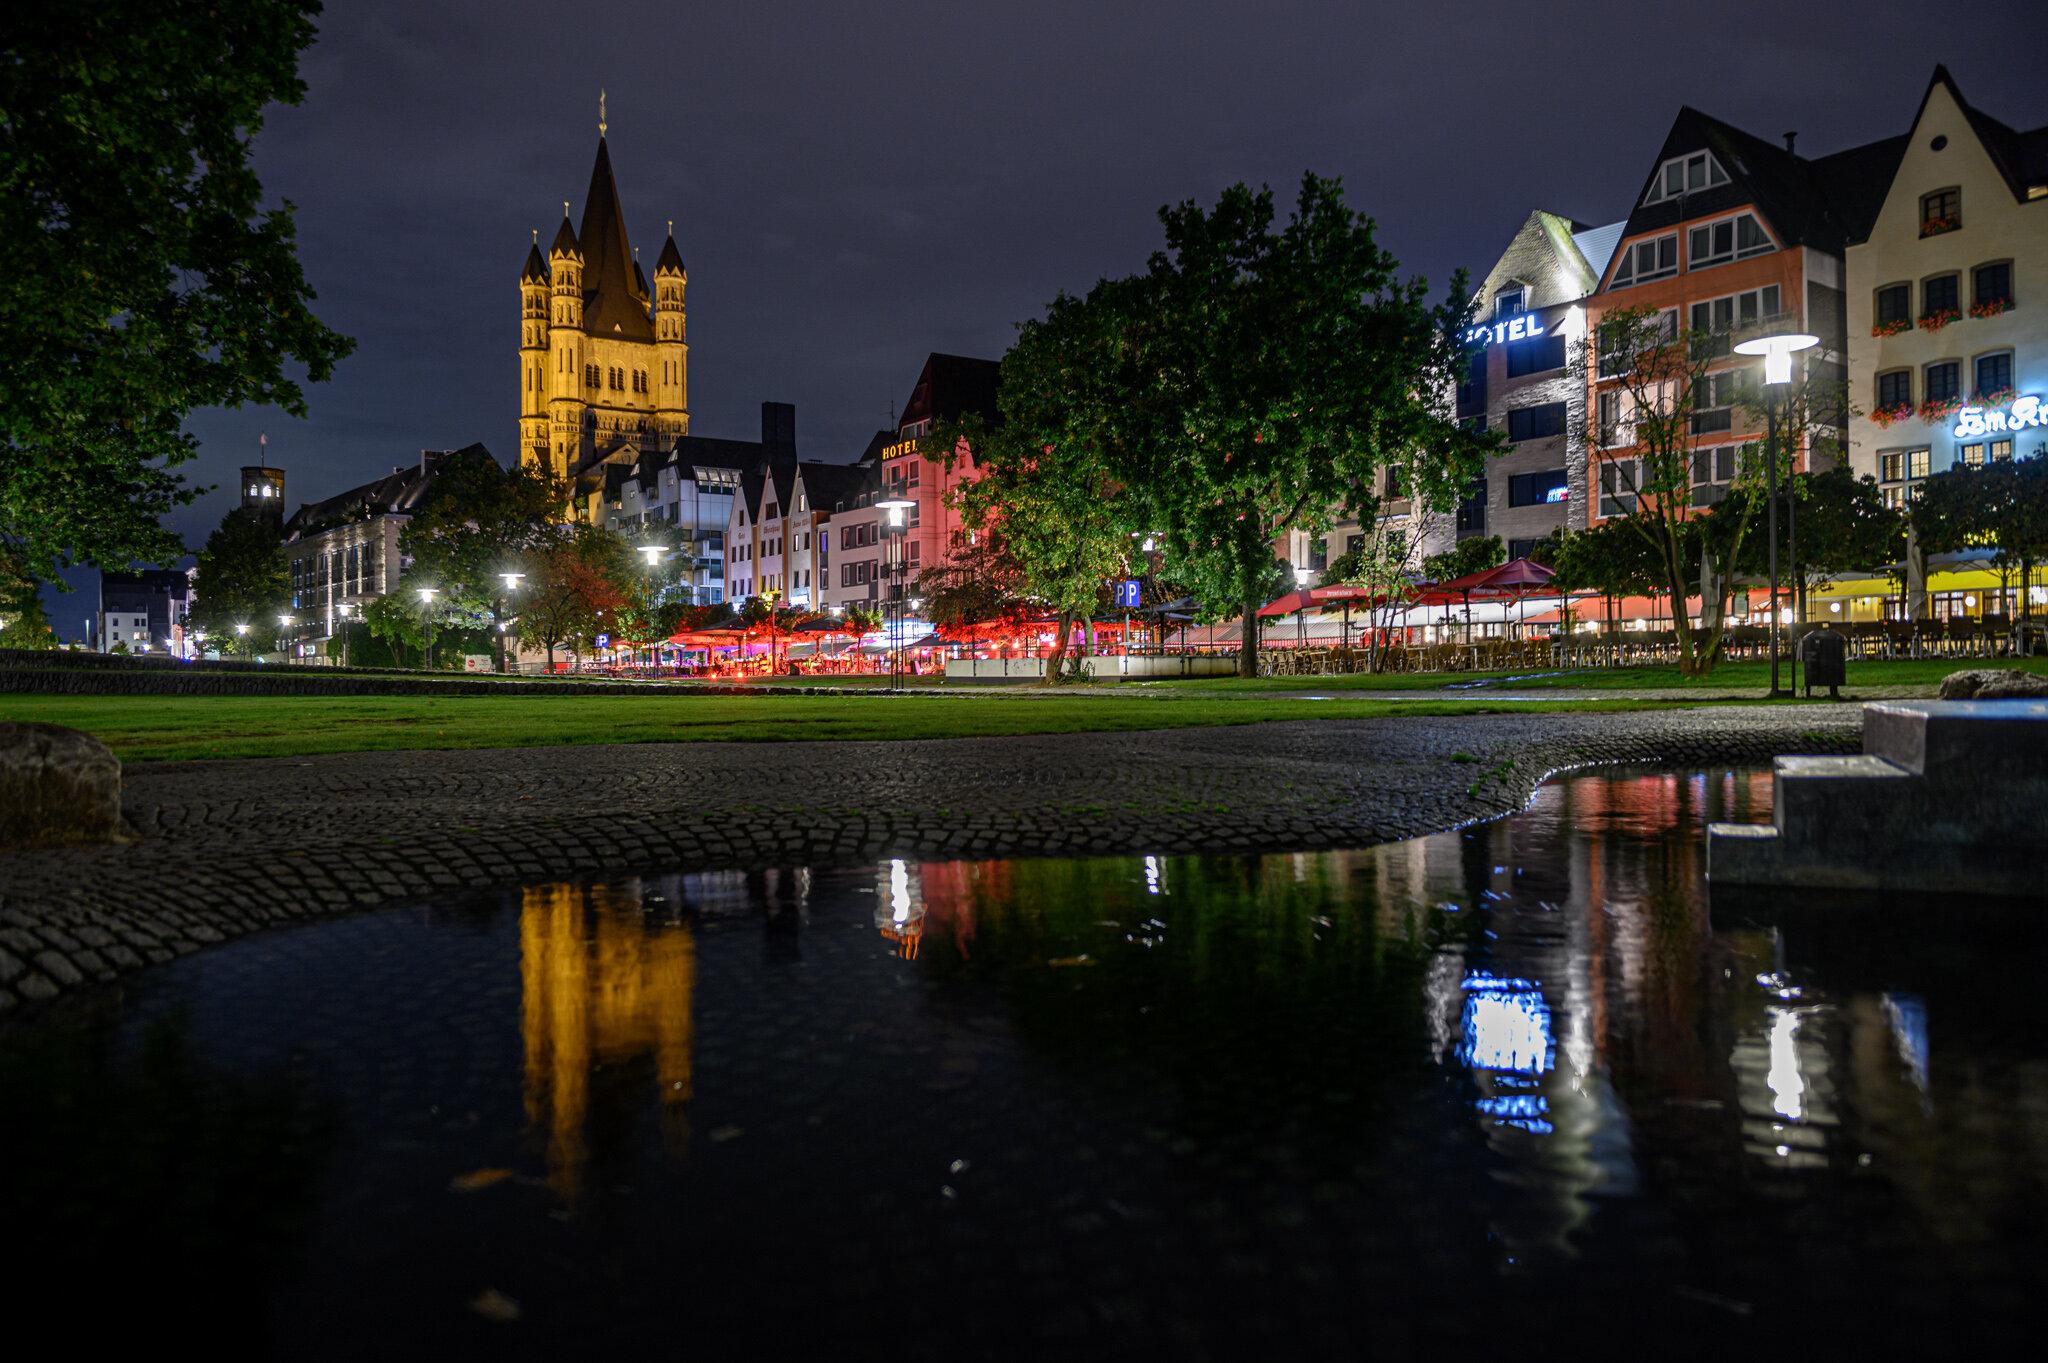 28. Photowalk - Altstadt - Regen in Köln